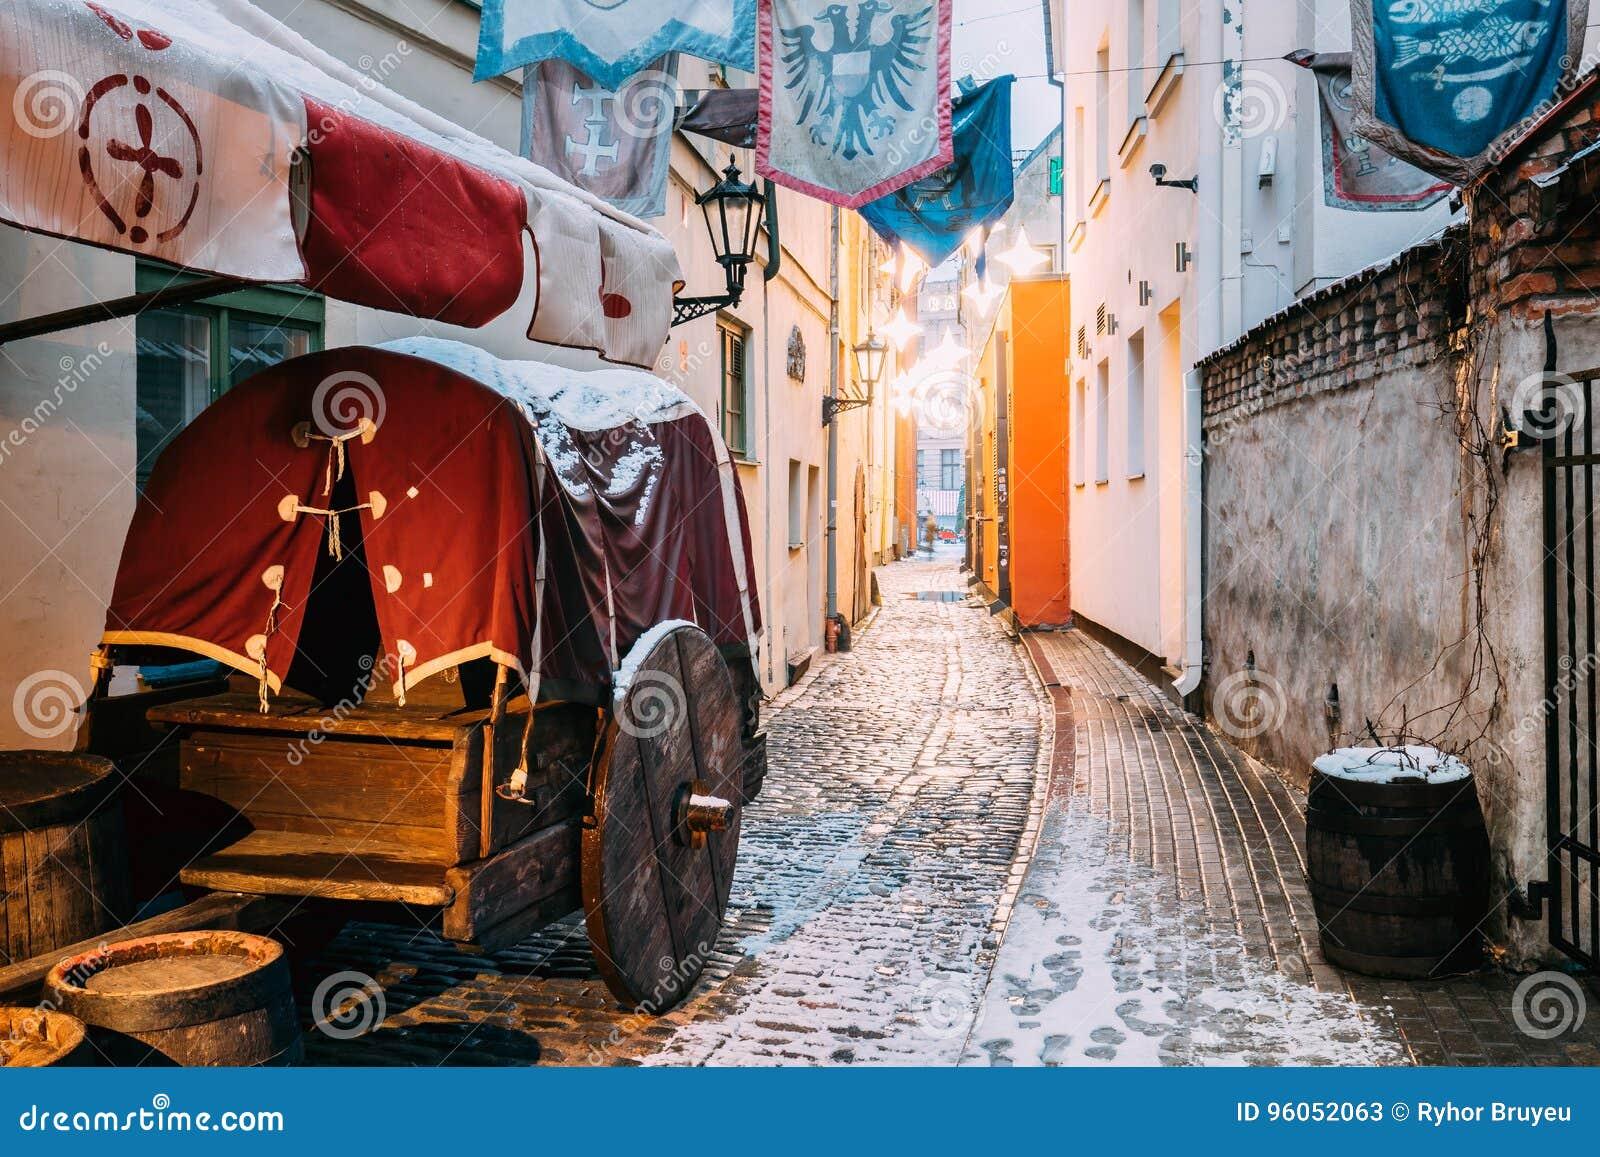 Riga, Lettonie Le vieux chariot médiéval traditionnel est dans la rue étroite